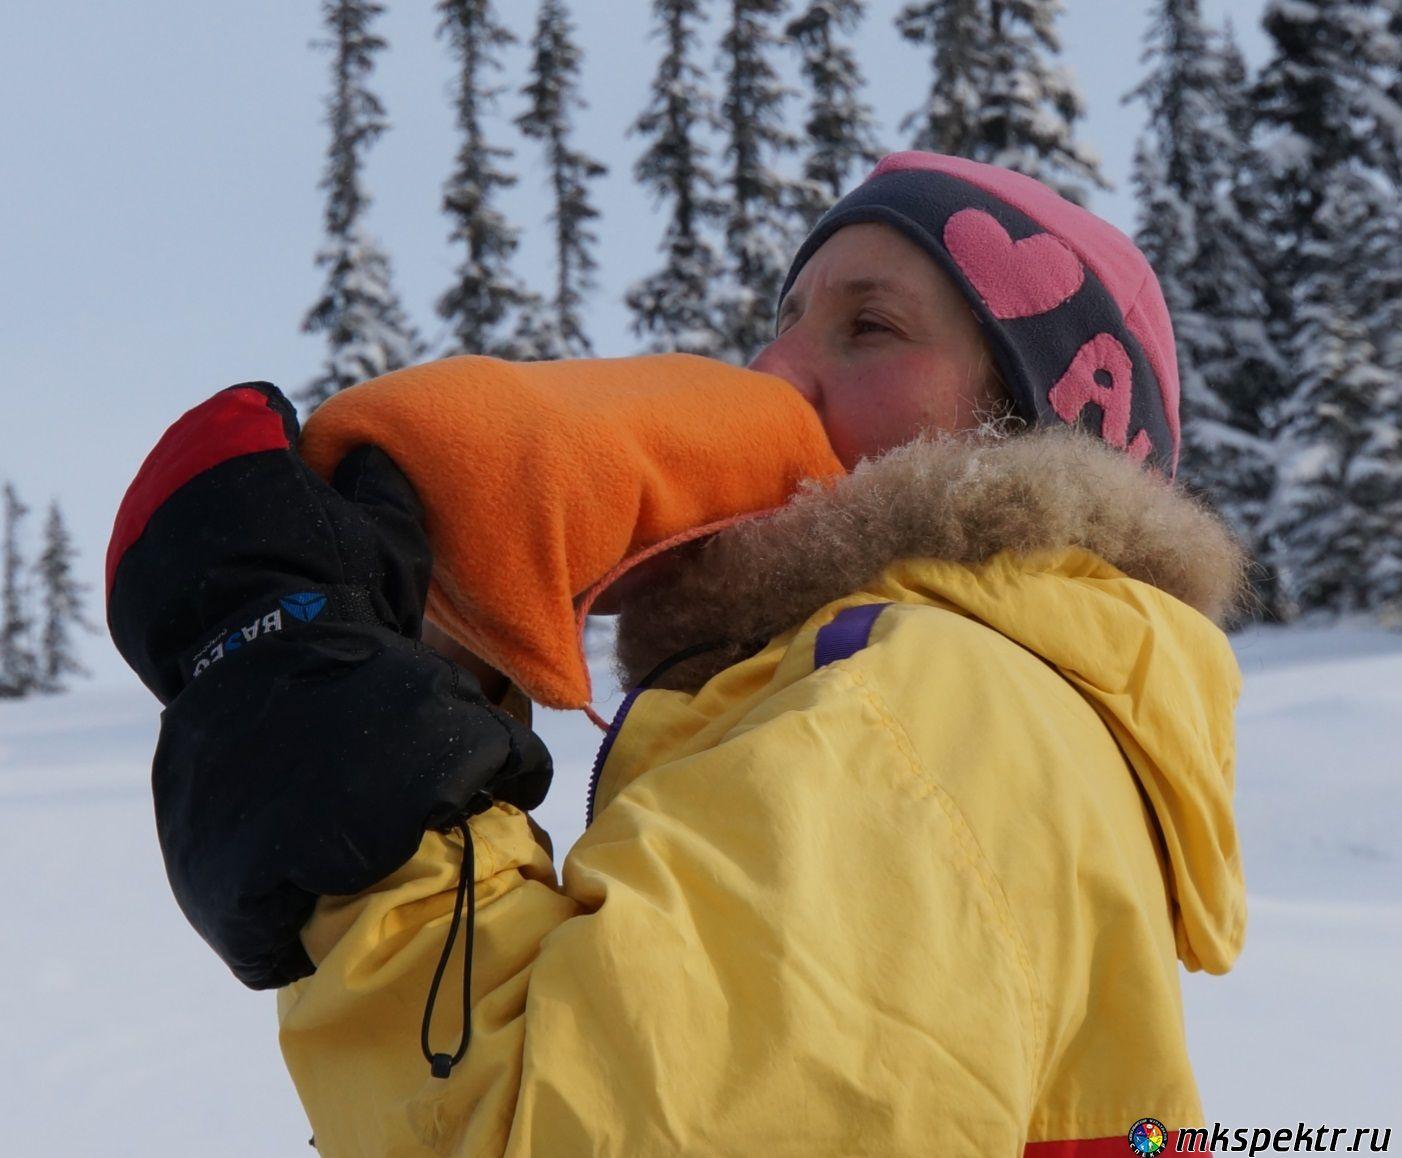 b_0_0_0_10_images_stories_enciplop_tech_ski_image005.jpg